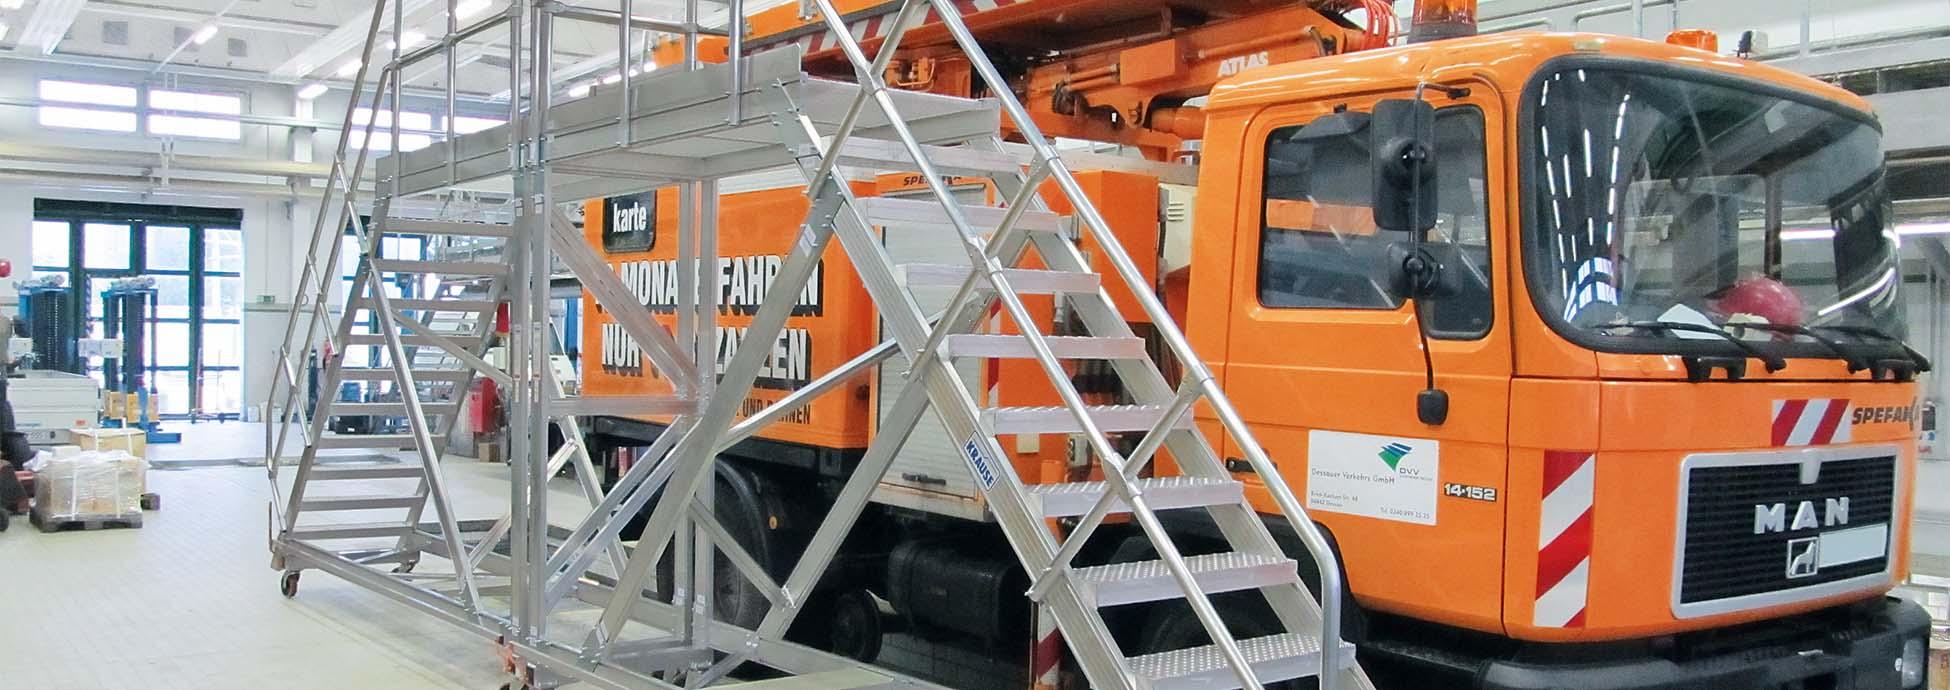 Fahrbare Podest-Treppen aus Aluminium als Zugangslösungen